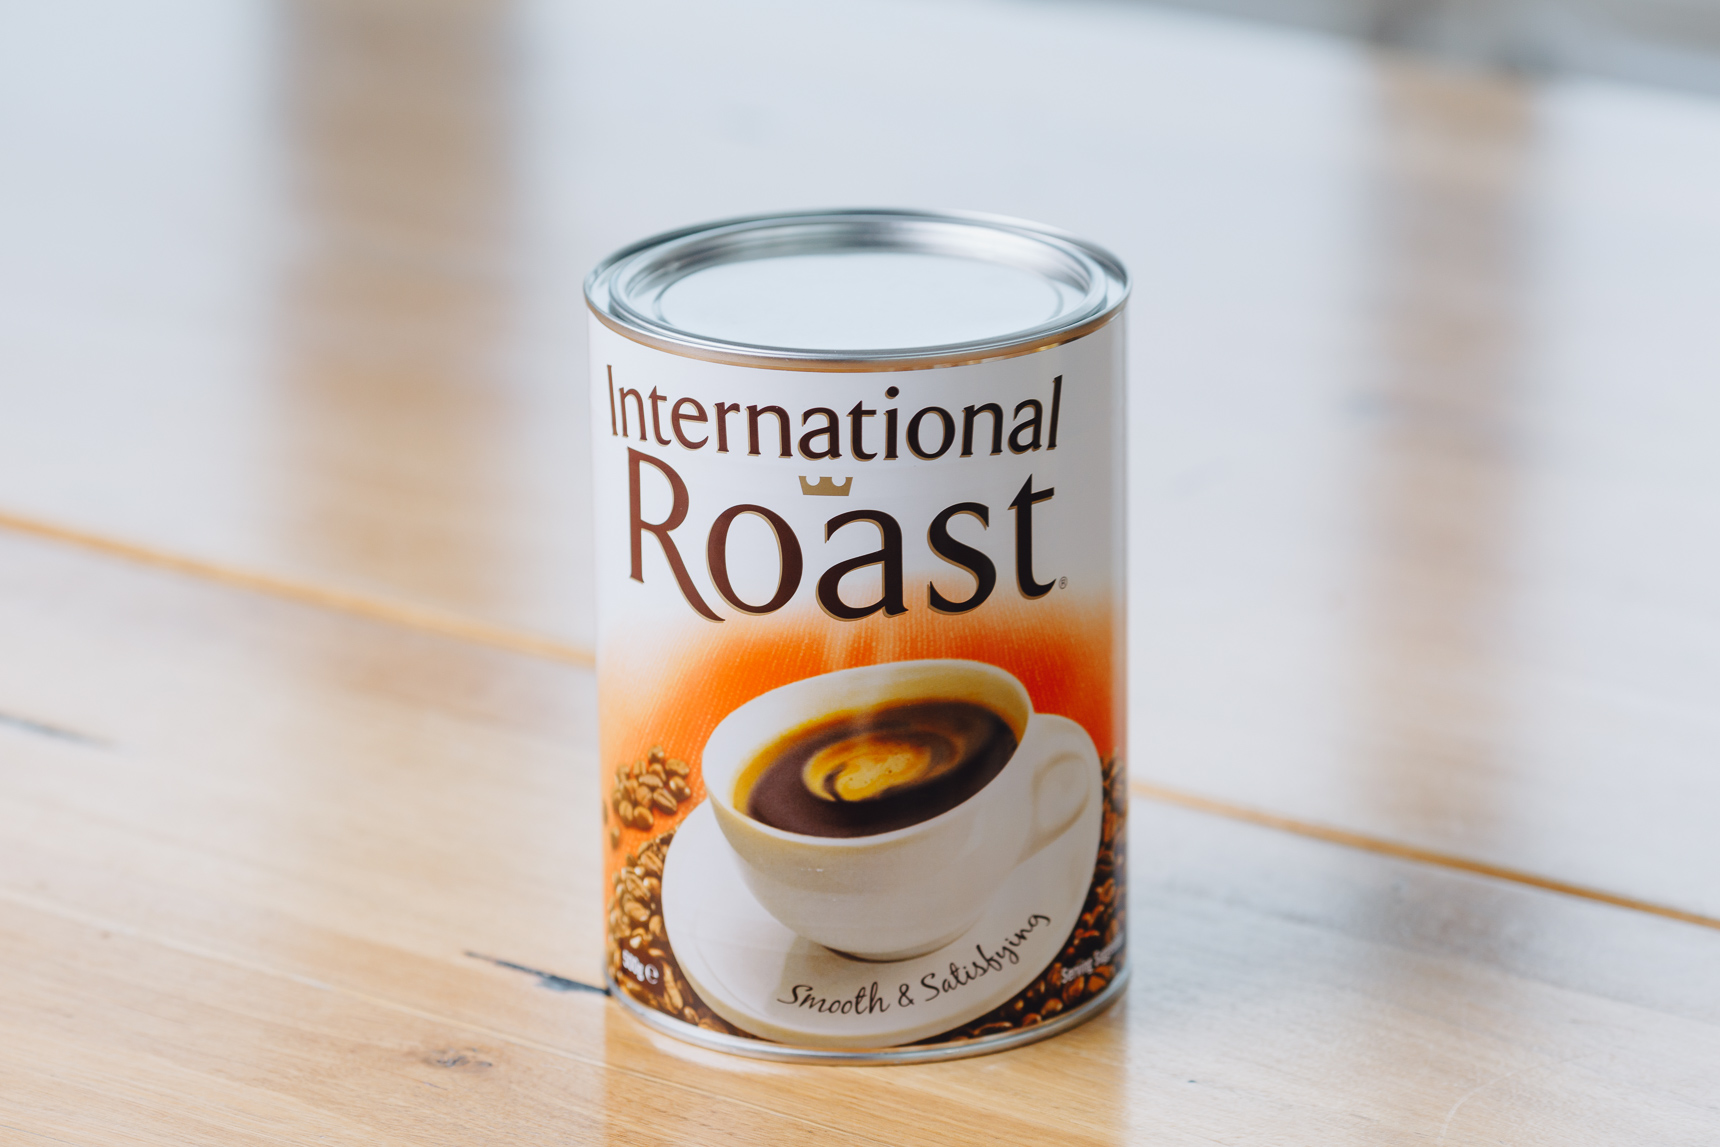 International Roast